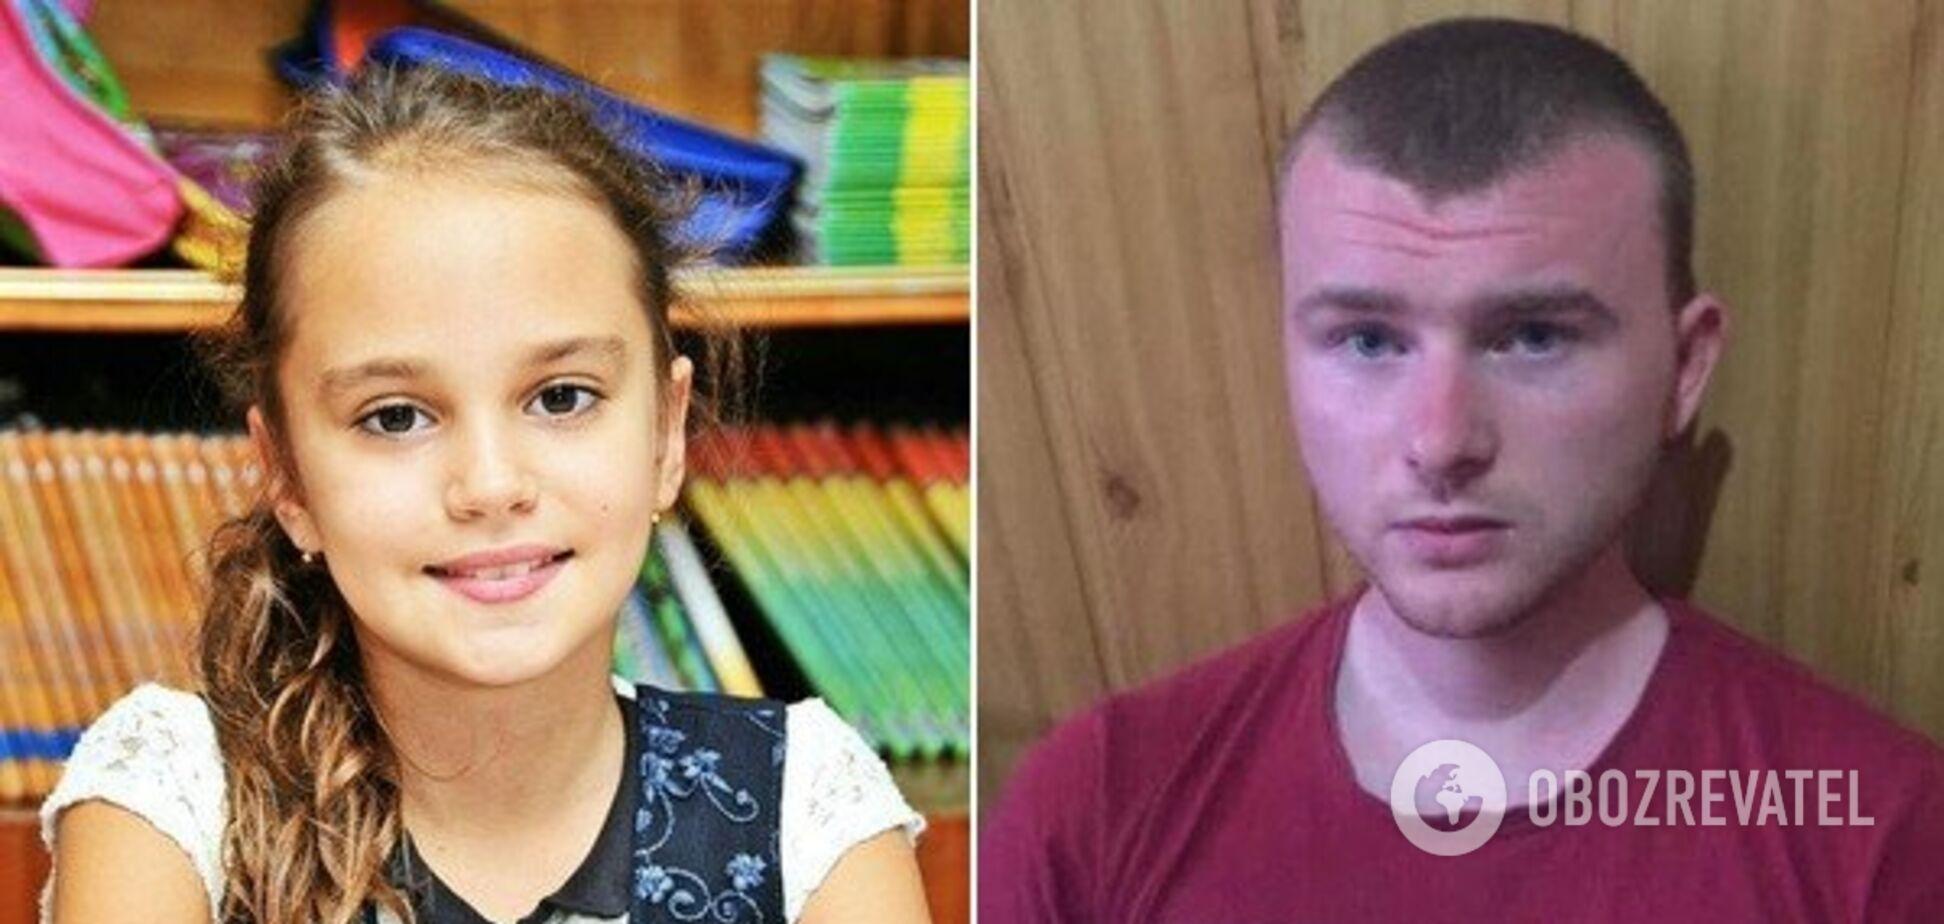 Следил за детьми и раздевался: выяснились мерзкие факты об убийце Даши Лукьяненко